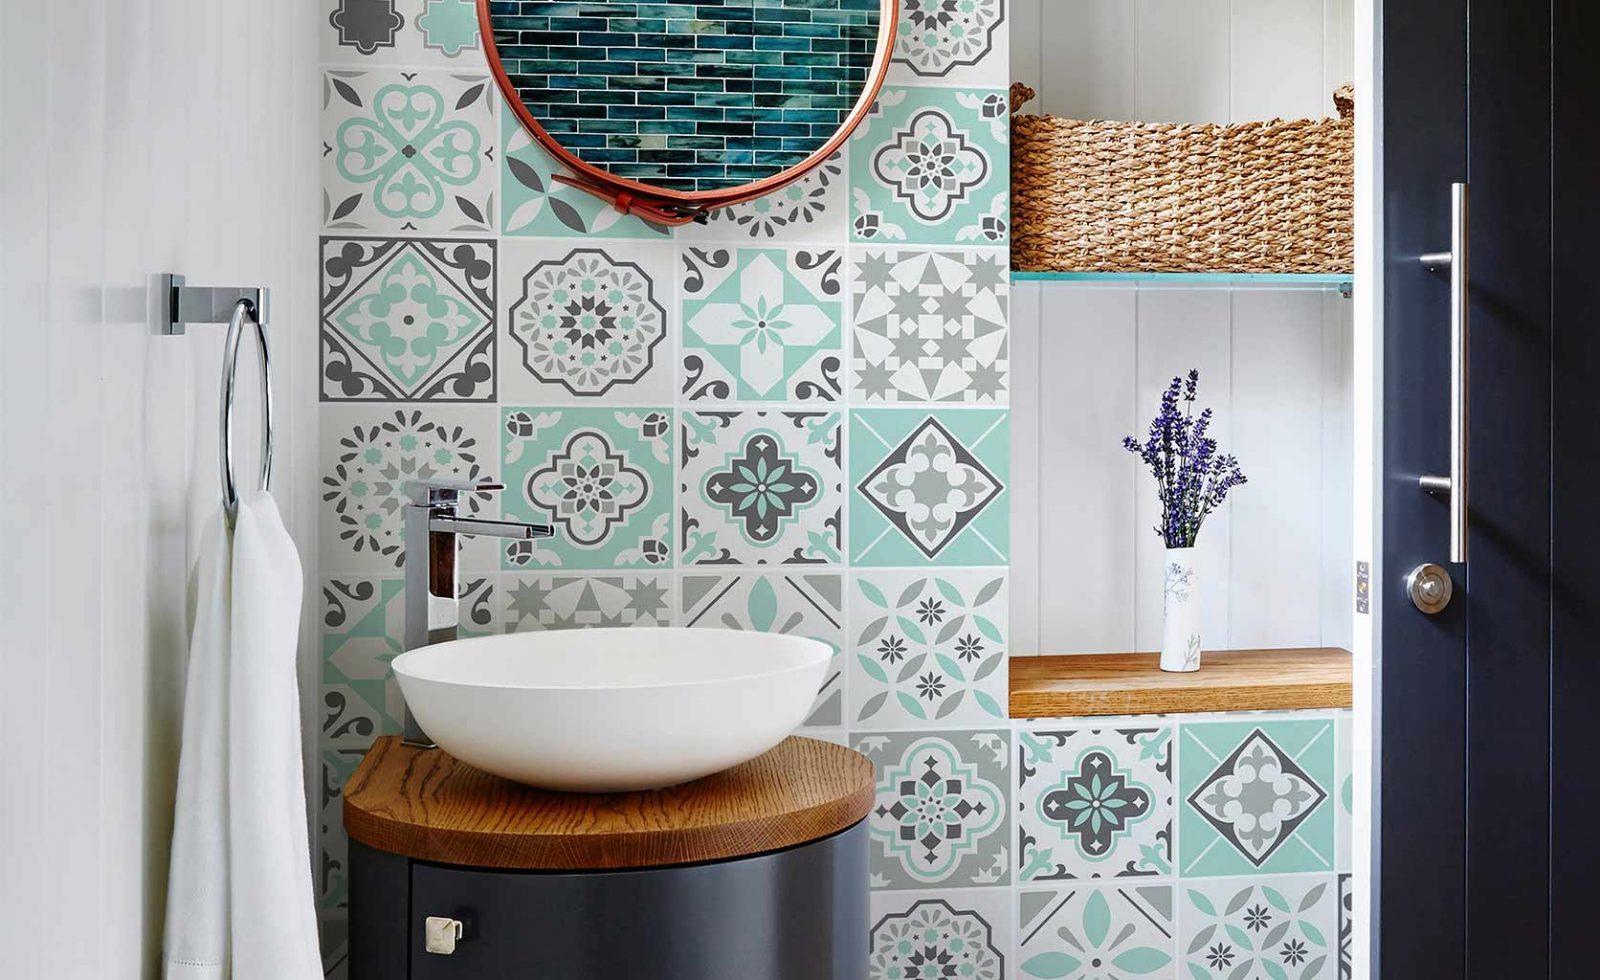 vinilos decorativo motivos hidráulicos baño